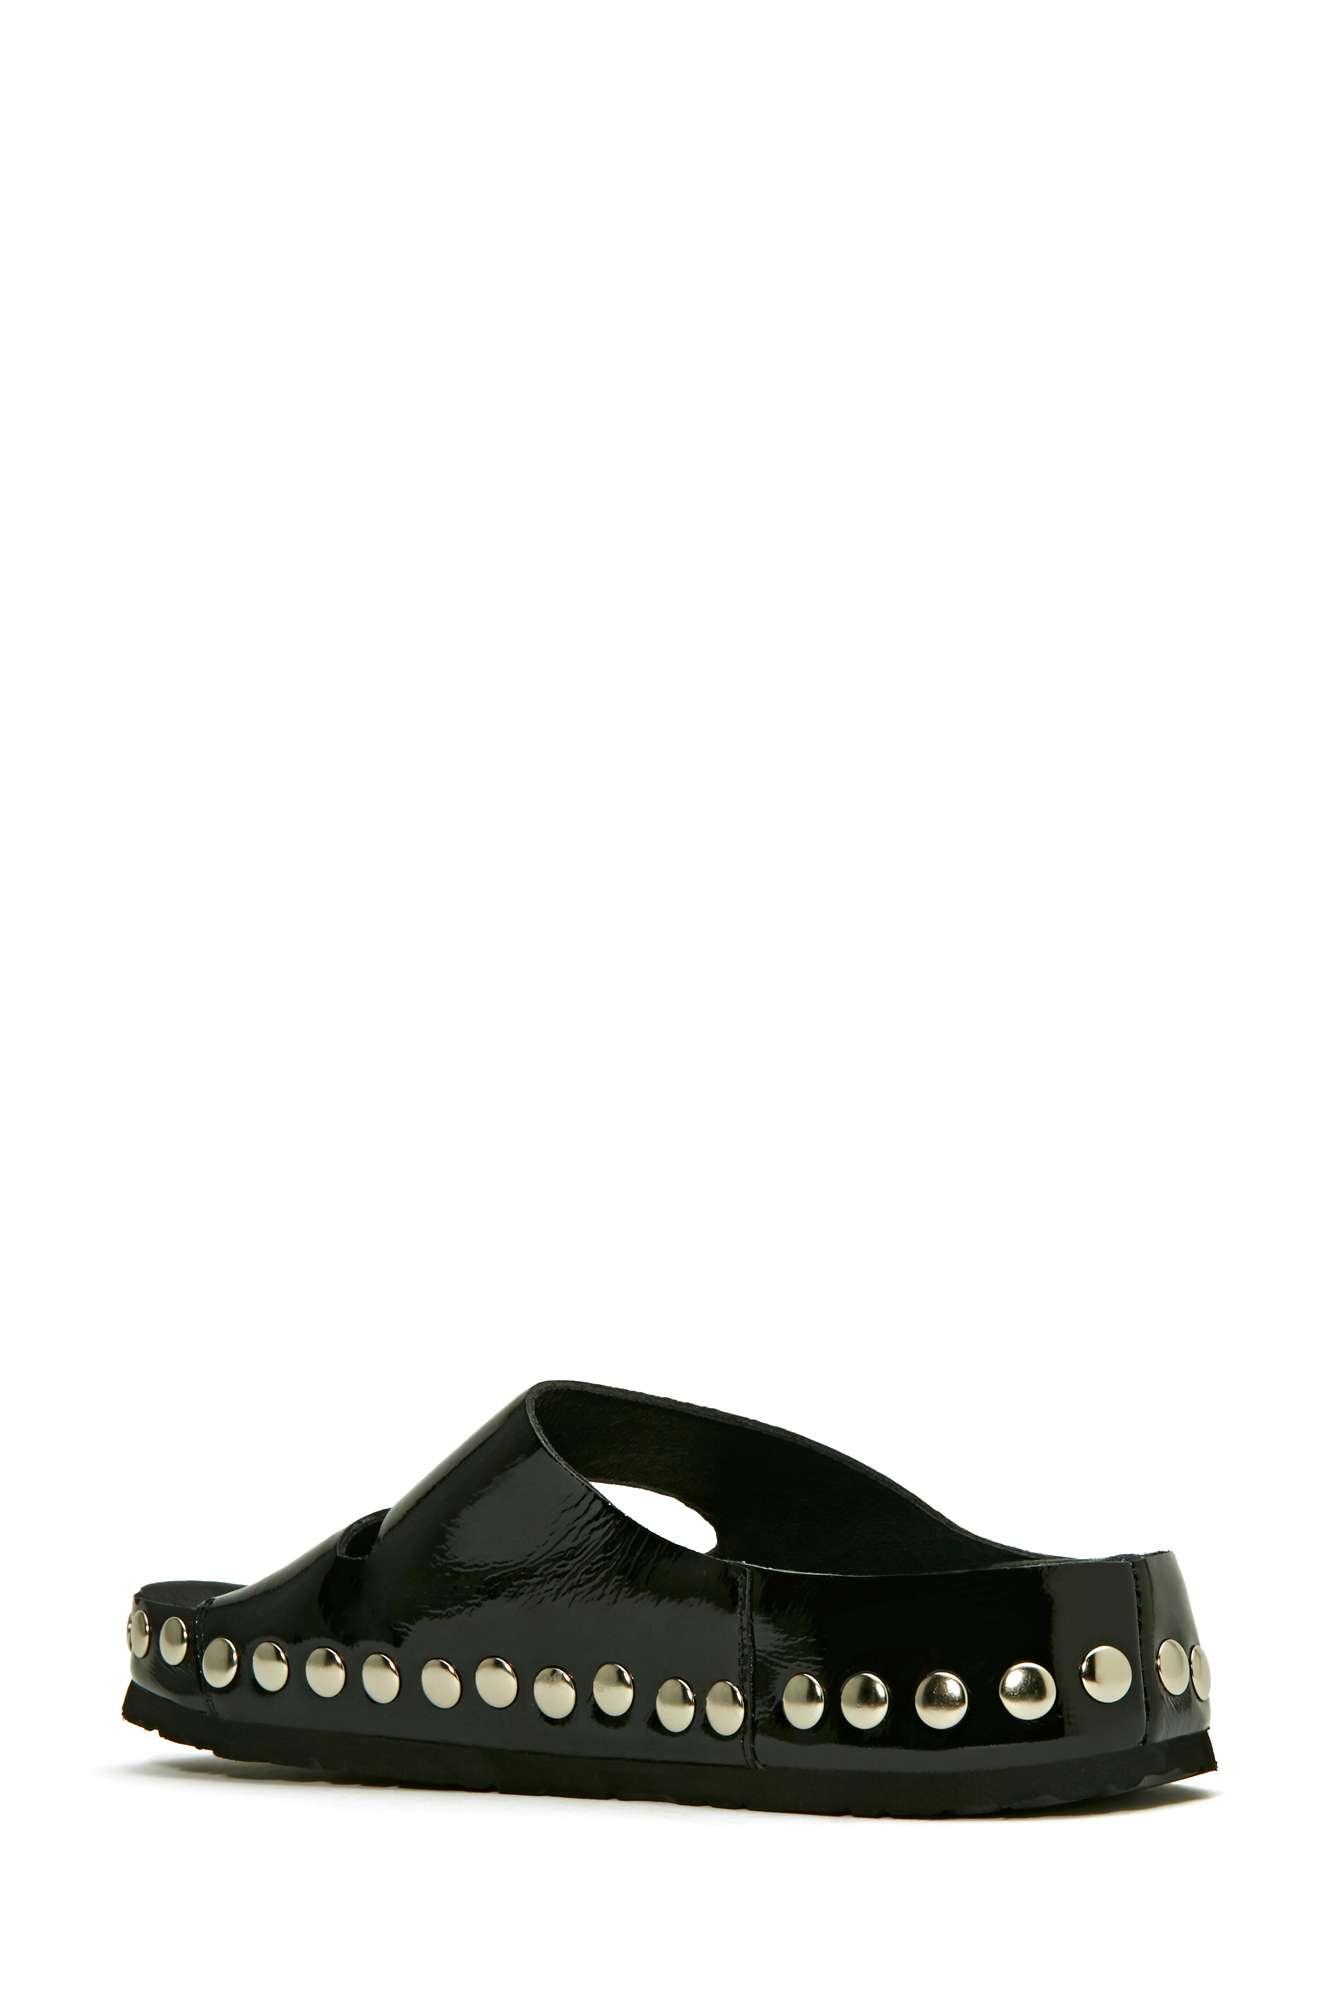 Nasty Gal Jeffrey Campbell Jerez Studded Sandal Black In